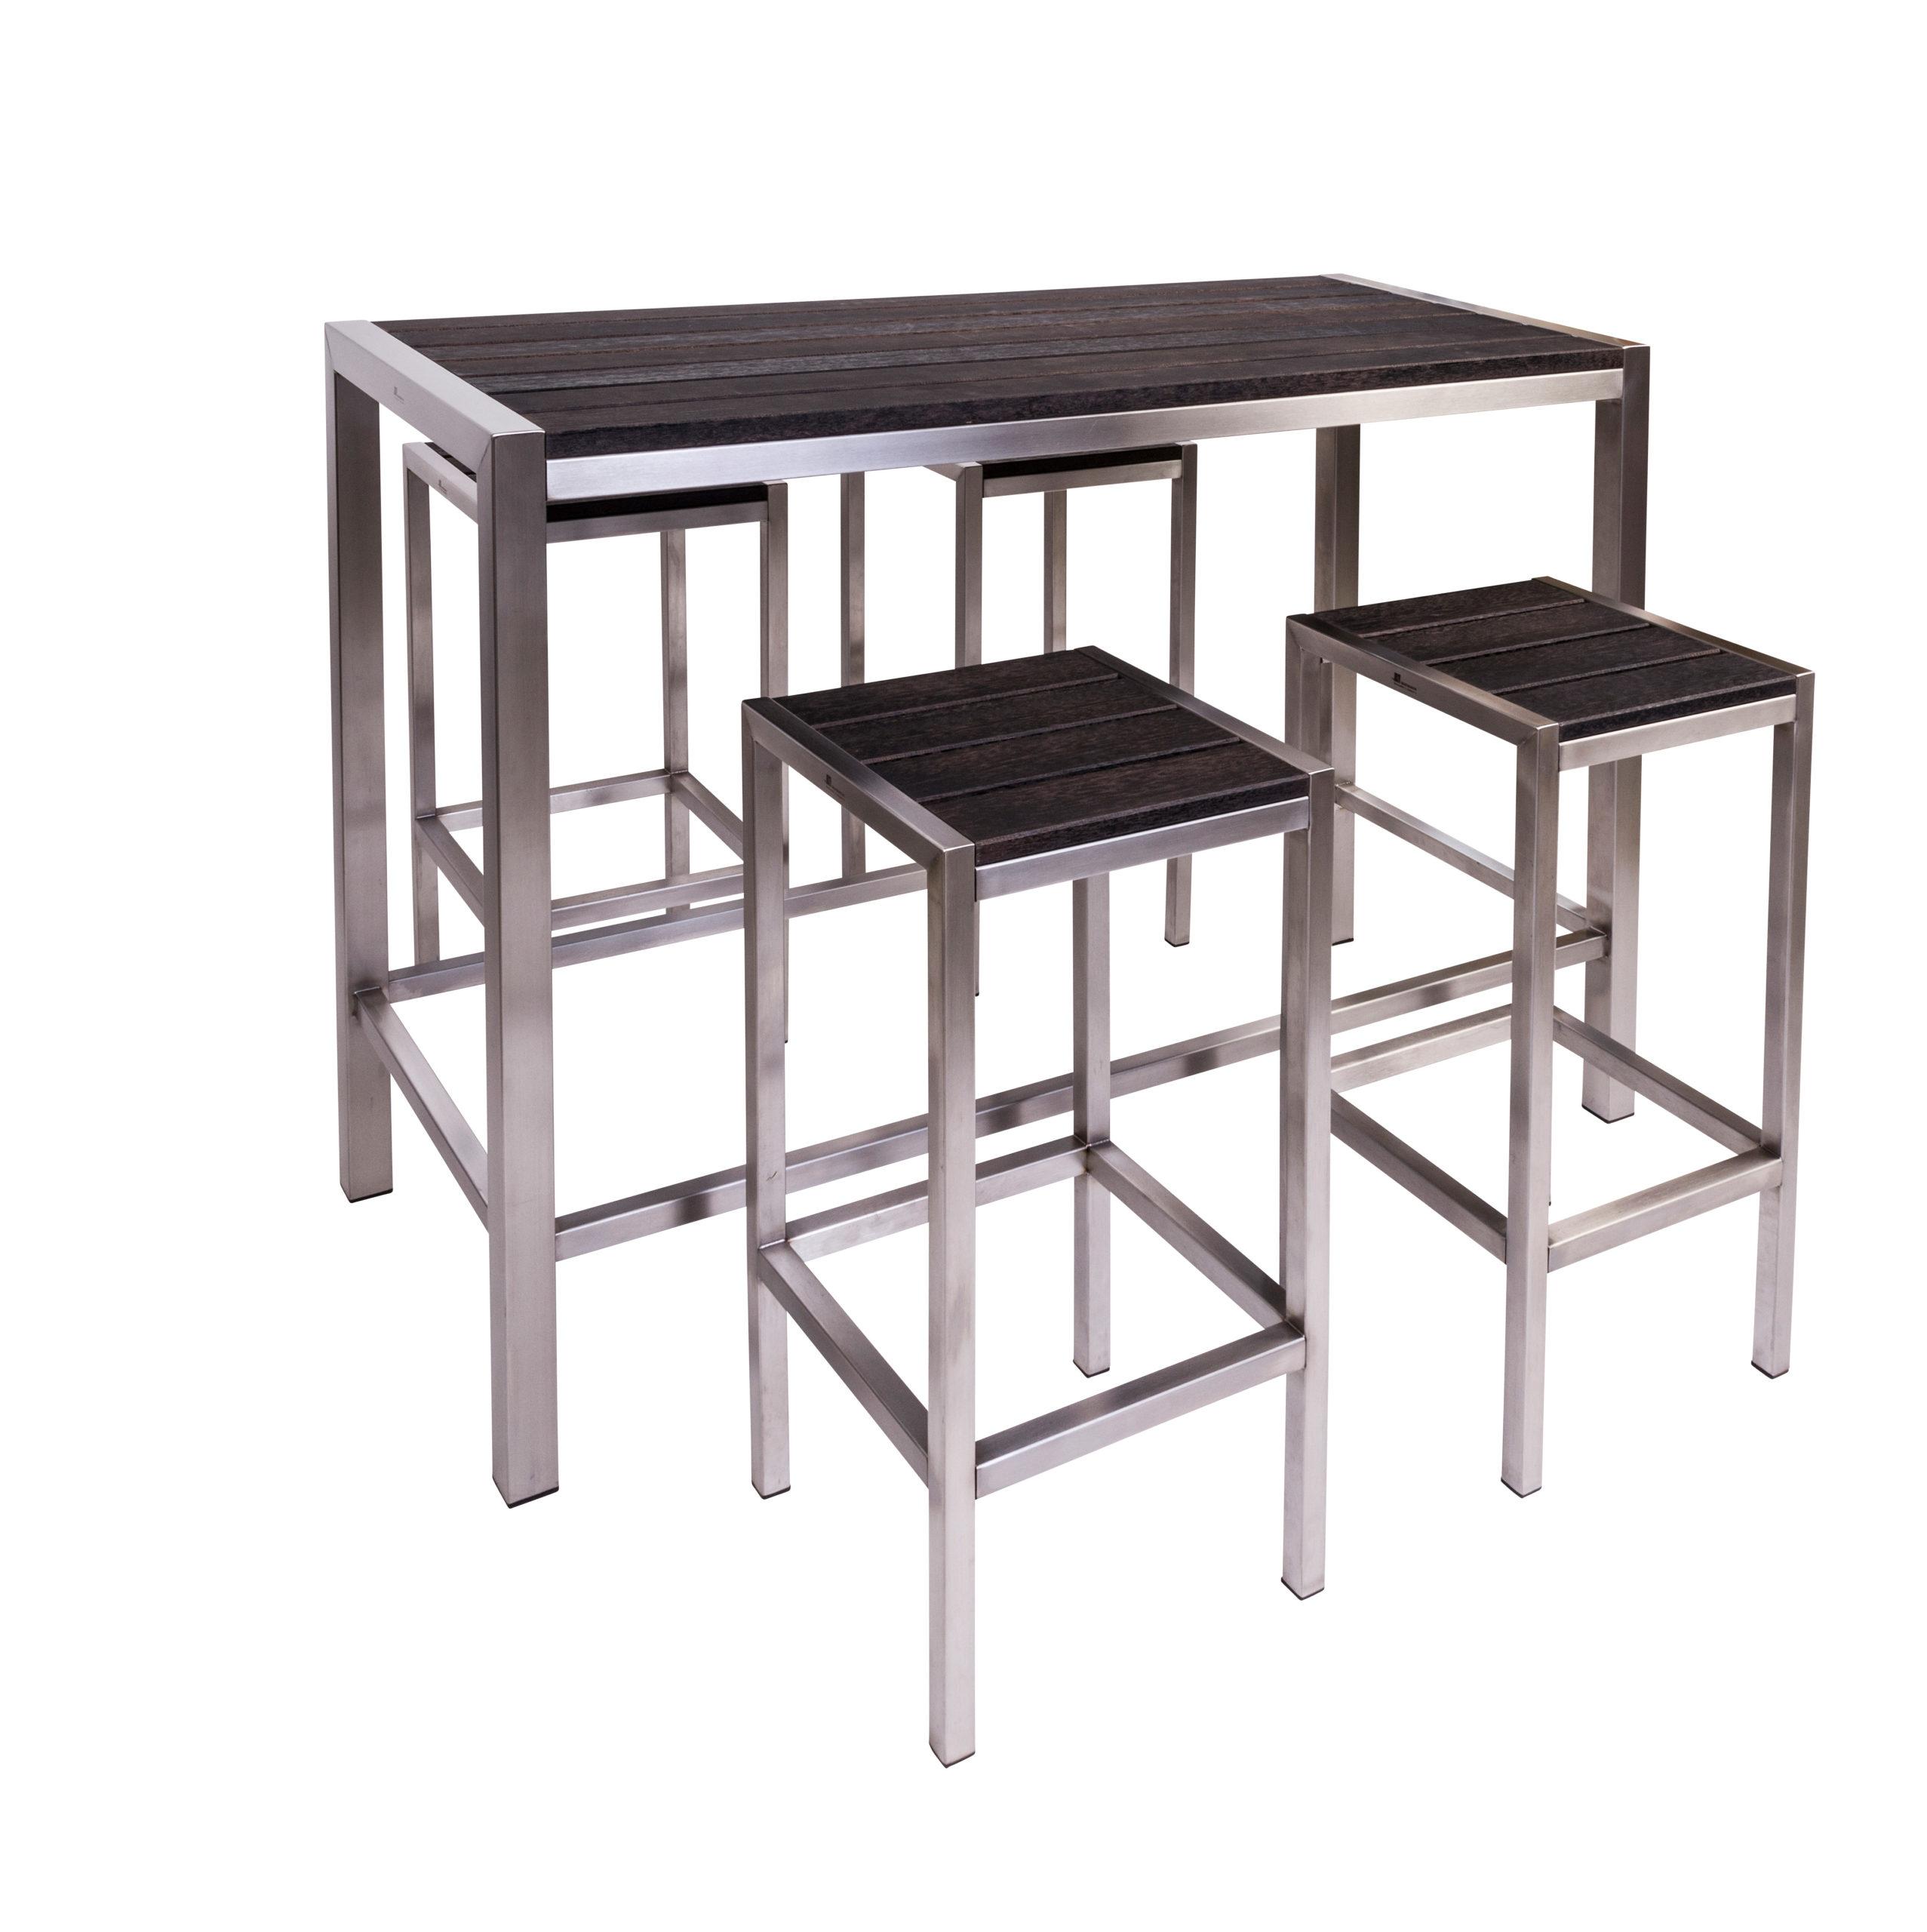 Edelstahl Barmöbel Plaza Für In-und Outdoor Schlichte Eleganz aus Edelstahl und Holz . Jedes Möbelstück ein Unikat.